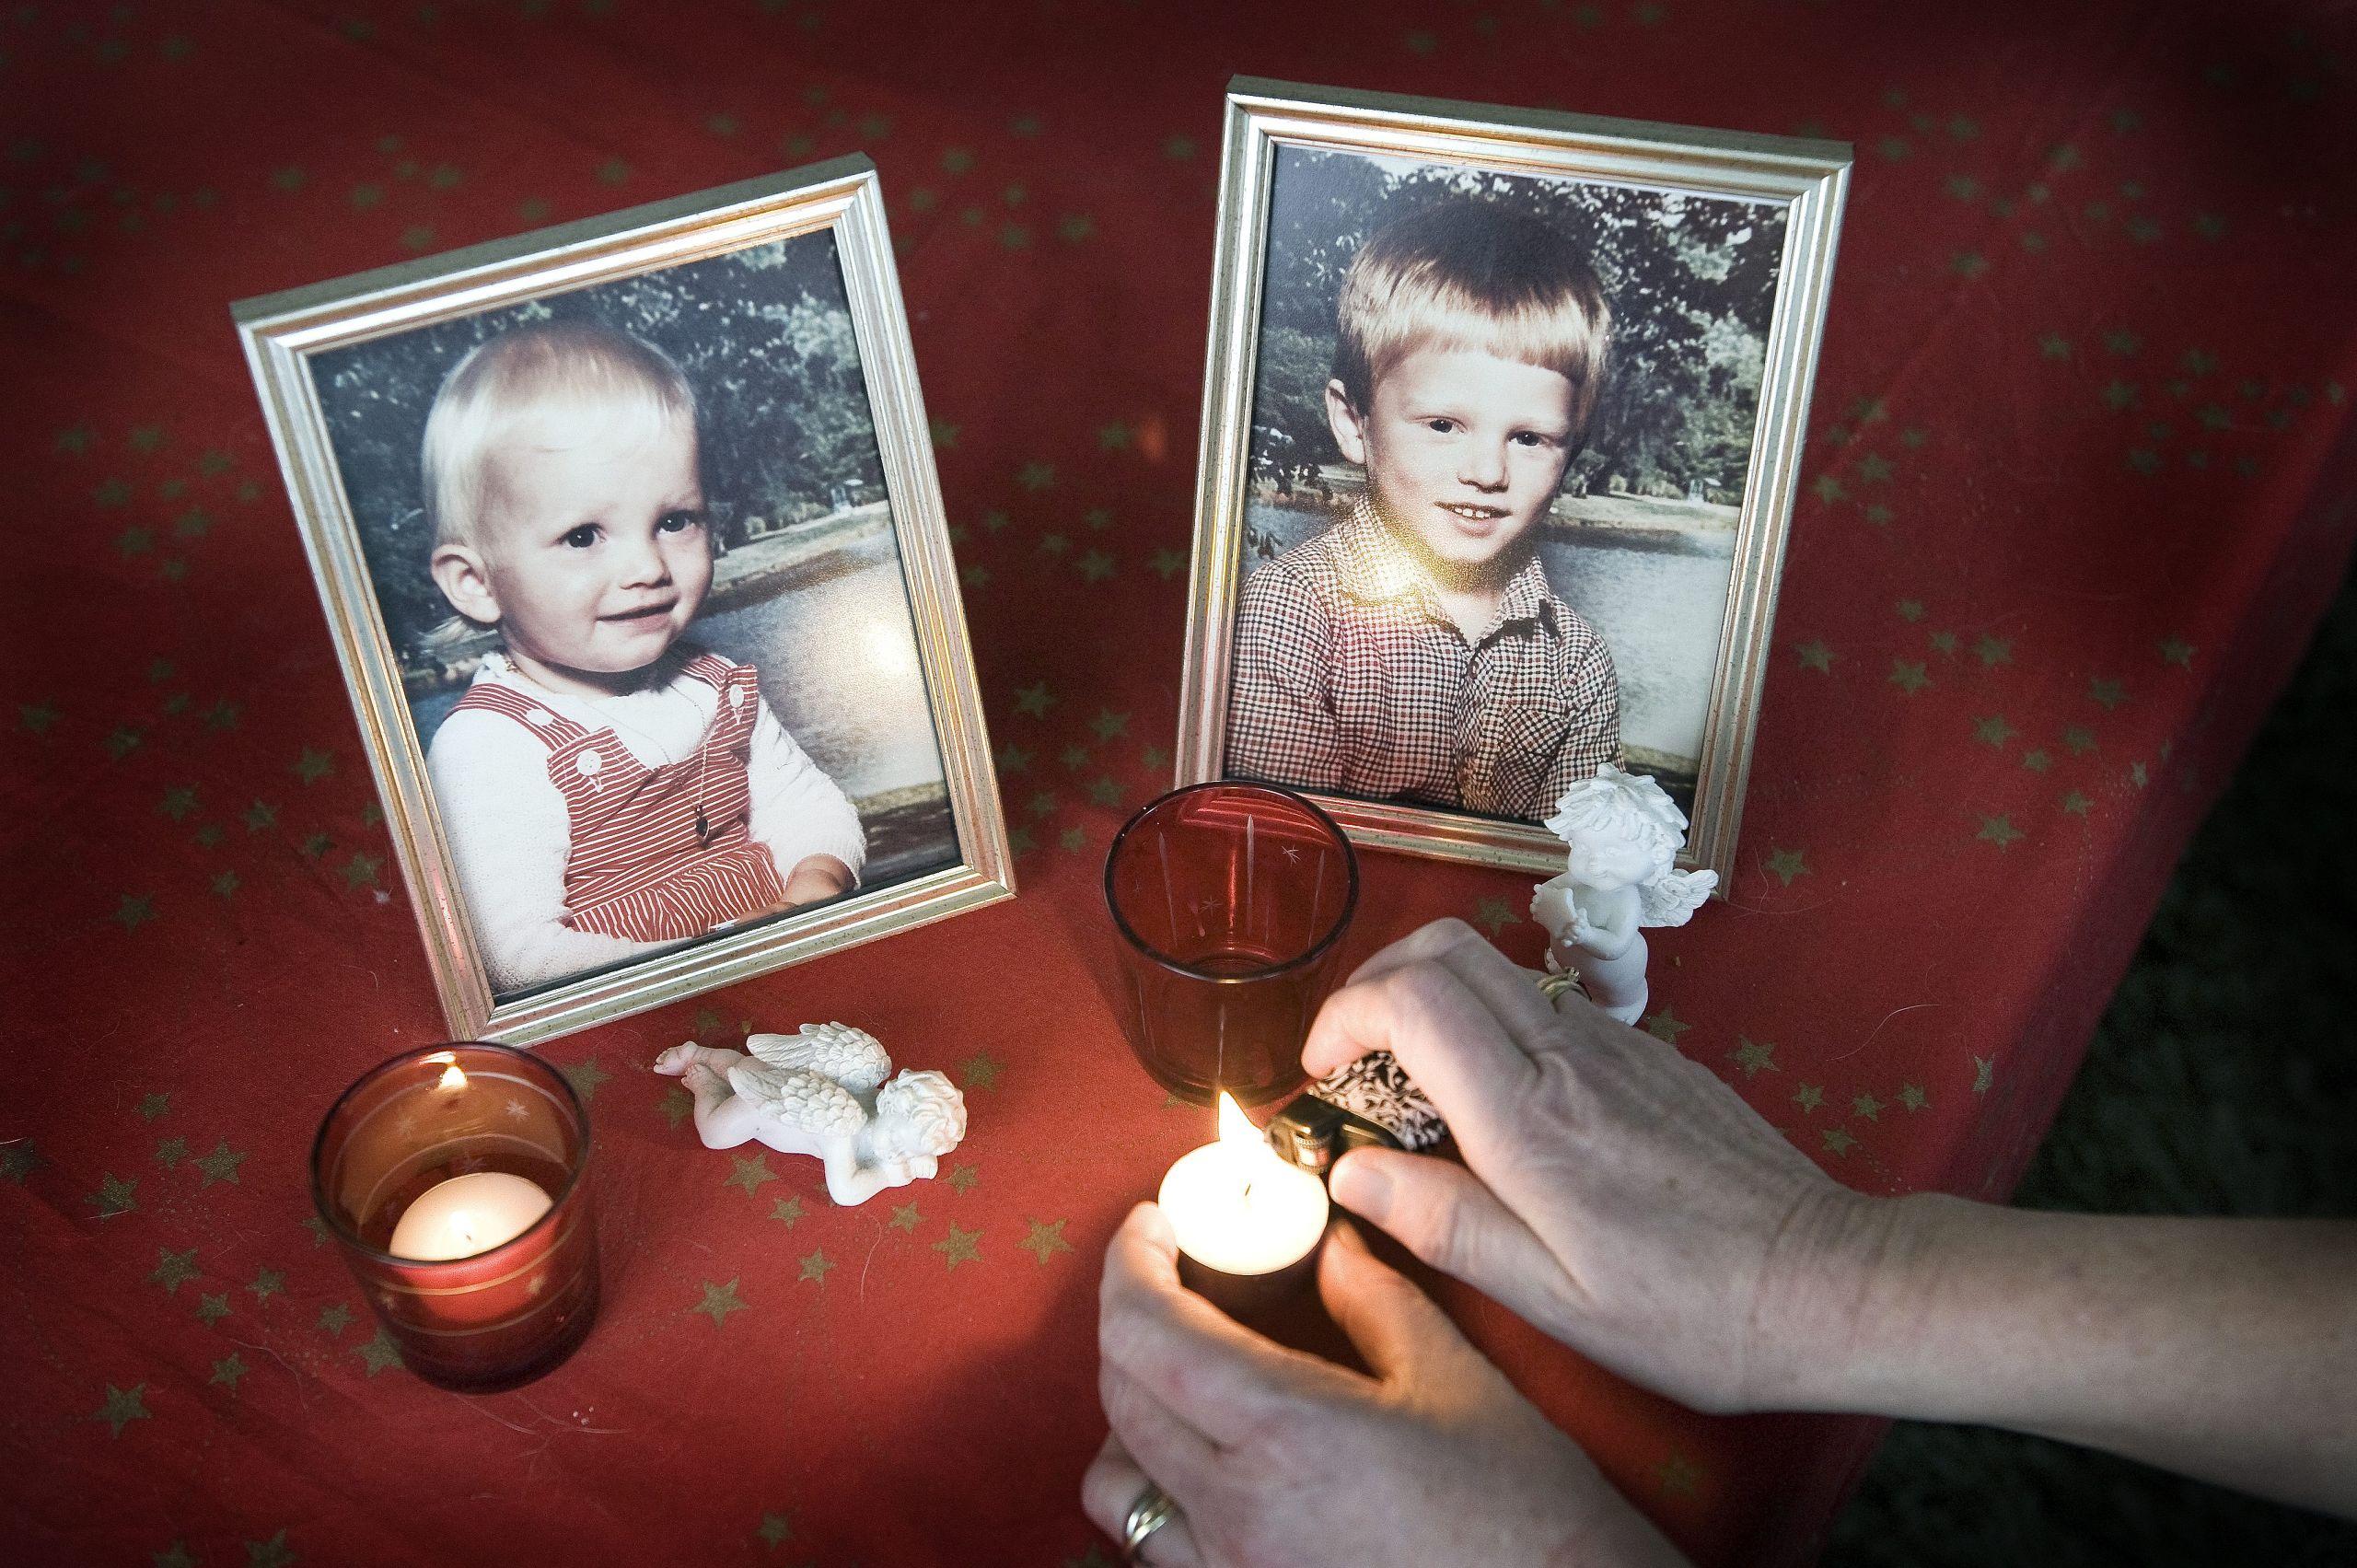 Hannes mand dræbte deres børn: - Jeg tror på, at mine to små børn står på den anden side og tager imod mig